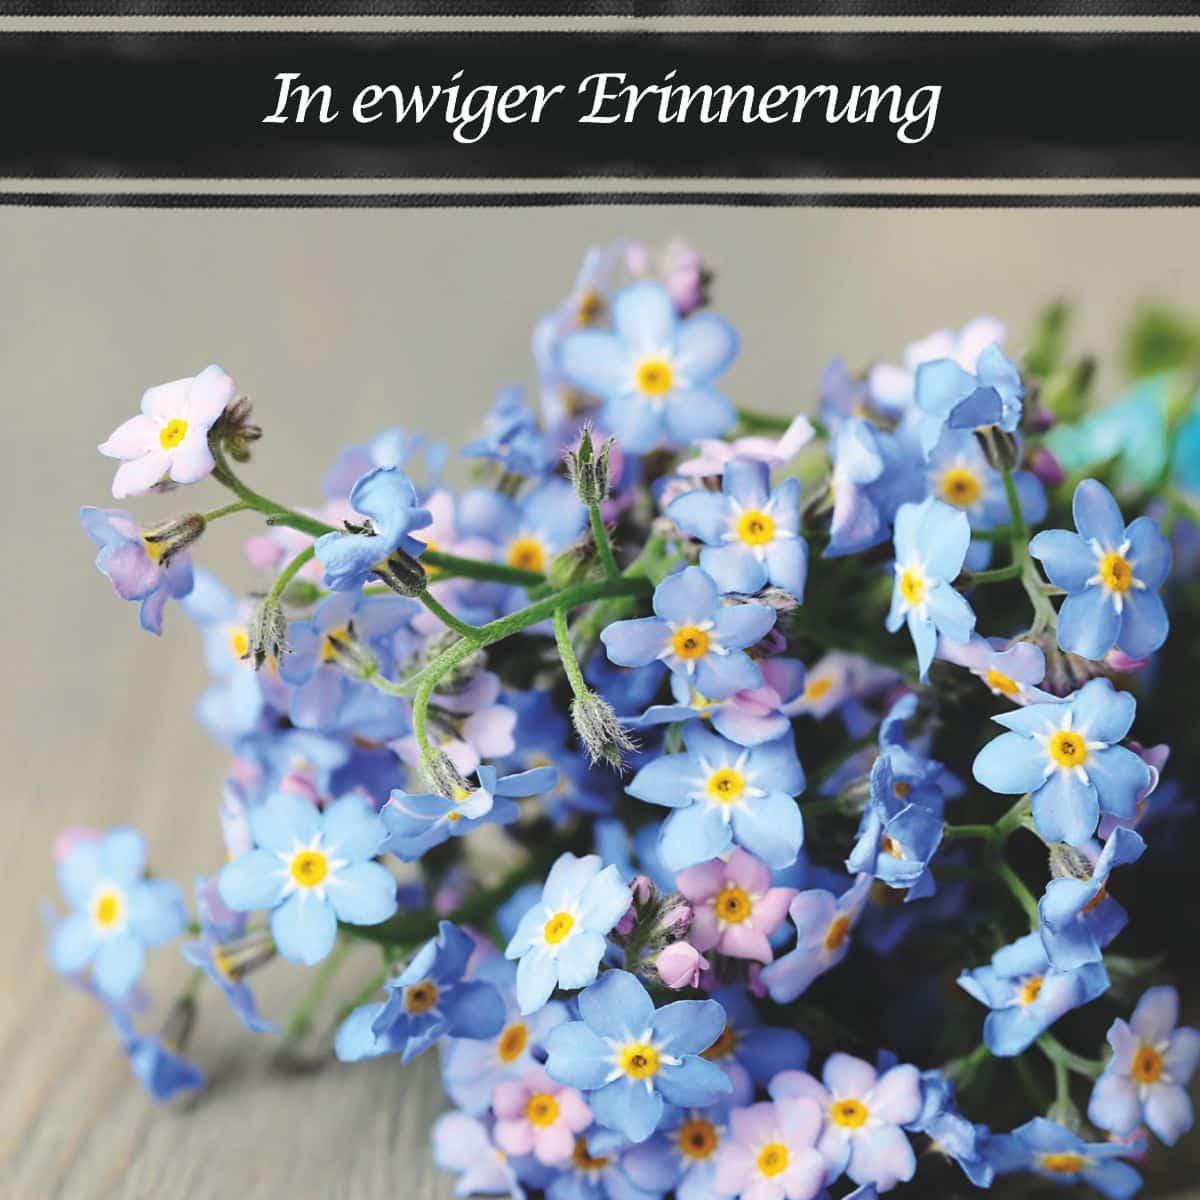 Hofer Premium 7 Tage Motivlicht, IN EWIGER ERINNERUNG